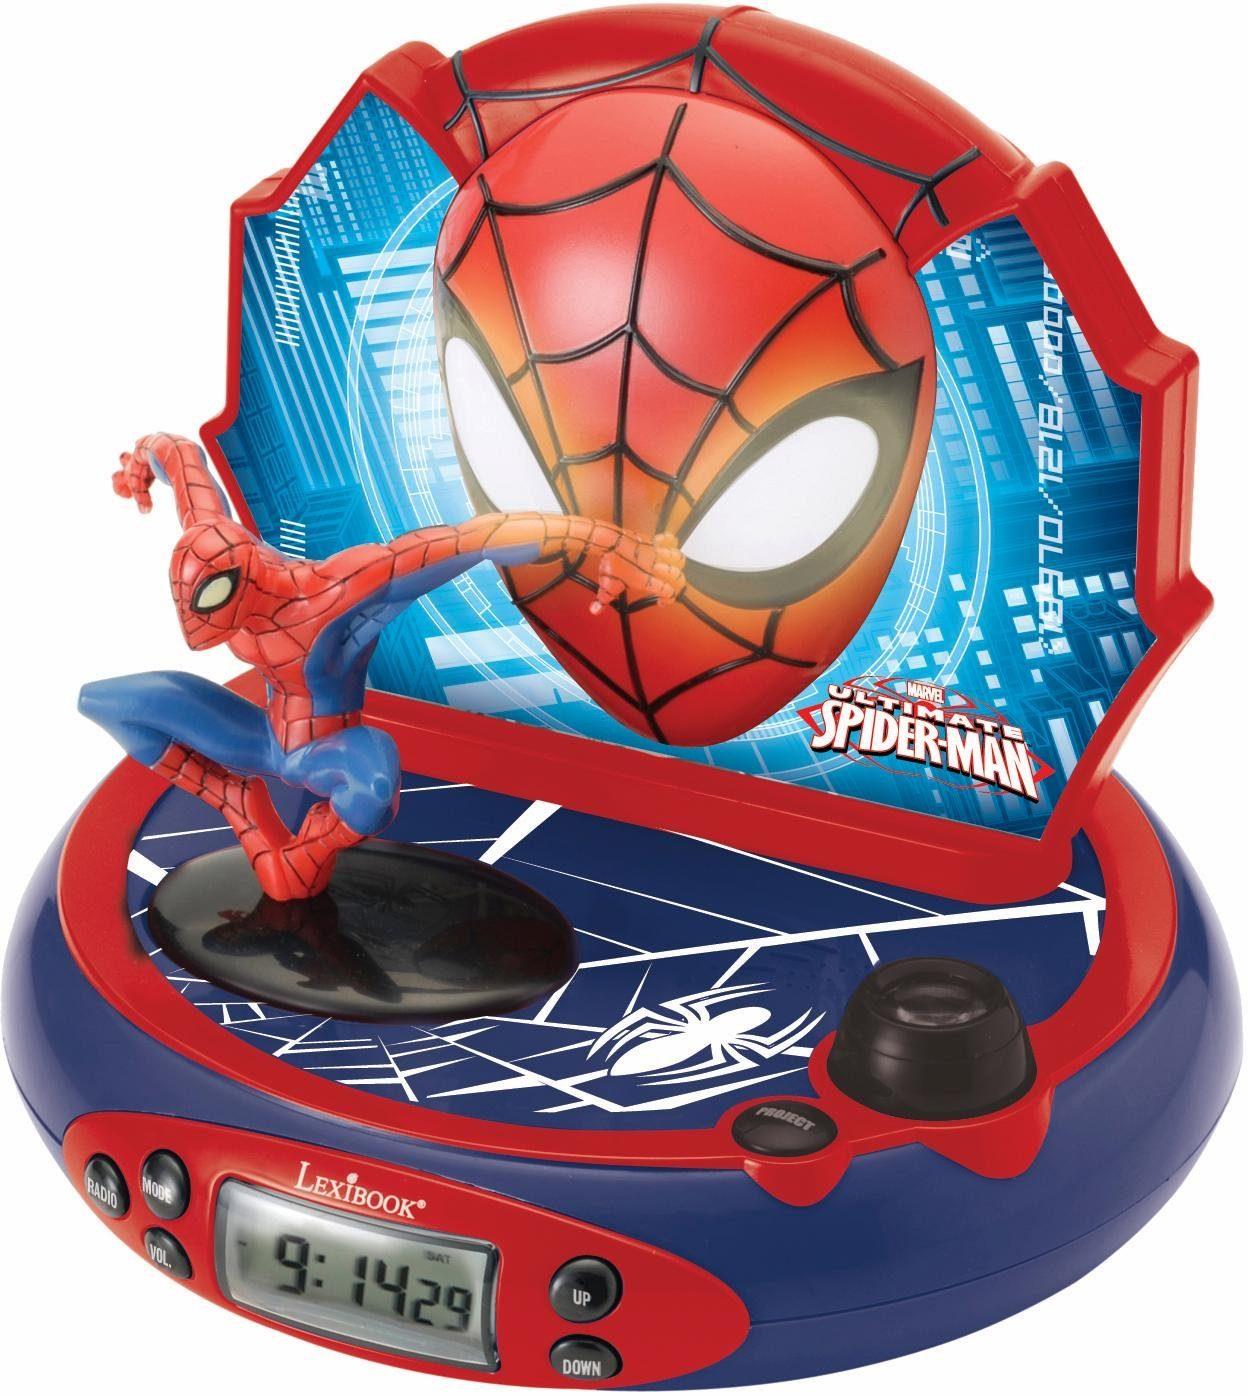 Lexibook, Radiowecker mit Projektion, »Spider-Man«